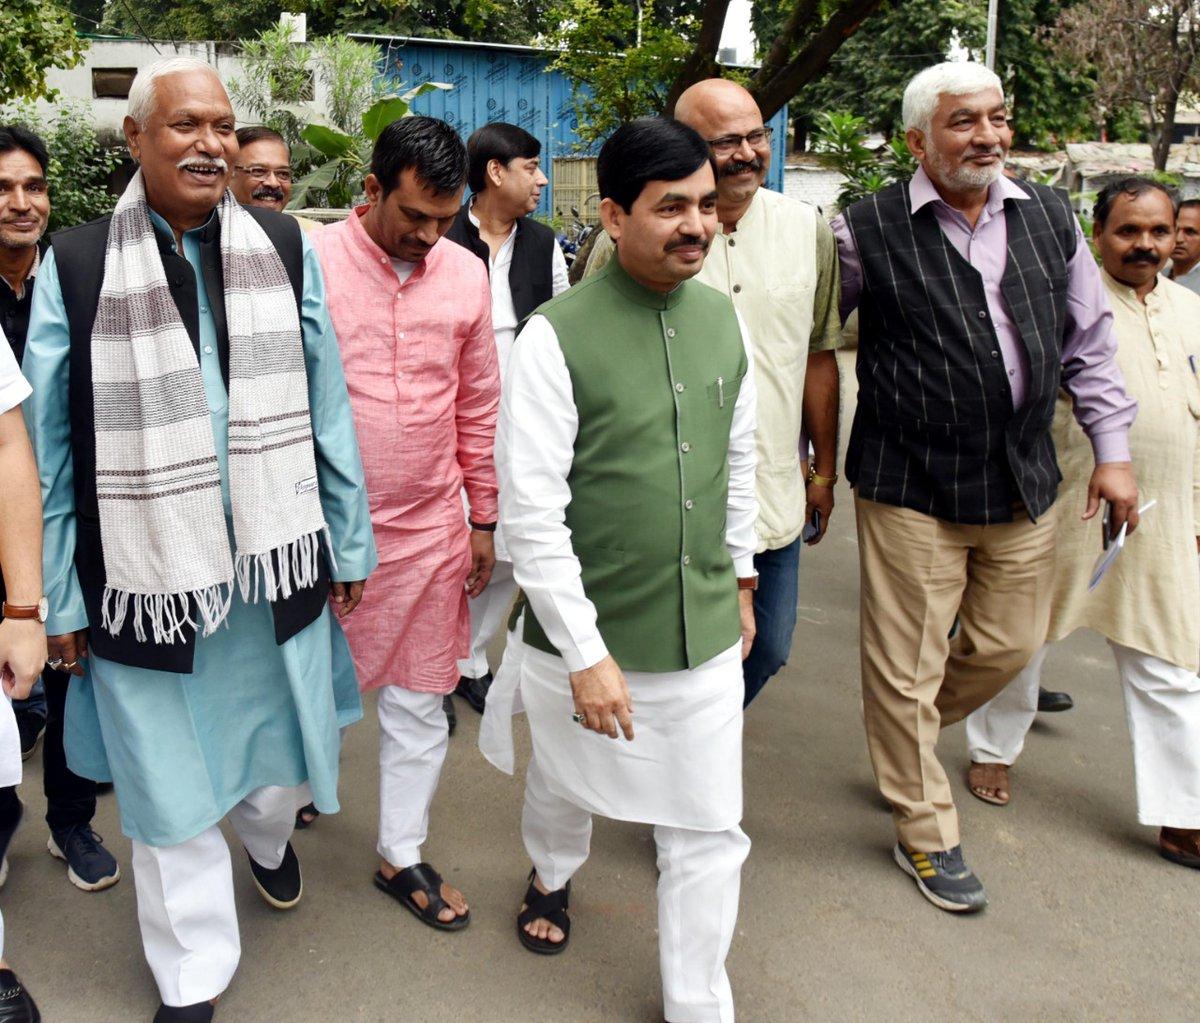 आज @BJP4UP के लखनऊ दफ्तर में पार्टी कार्यकर्ताओं से मुलाकात की और बैठक में भाग लिया।